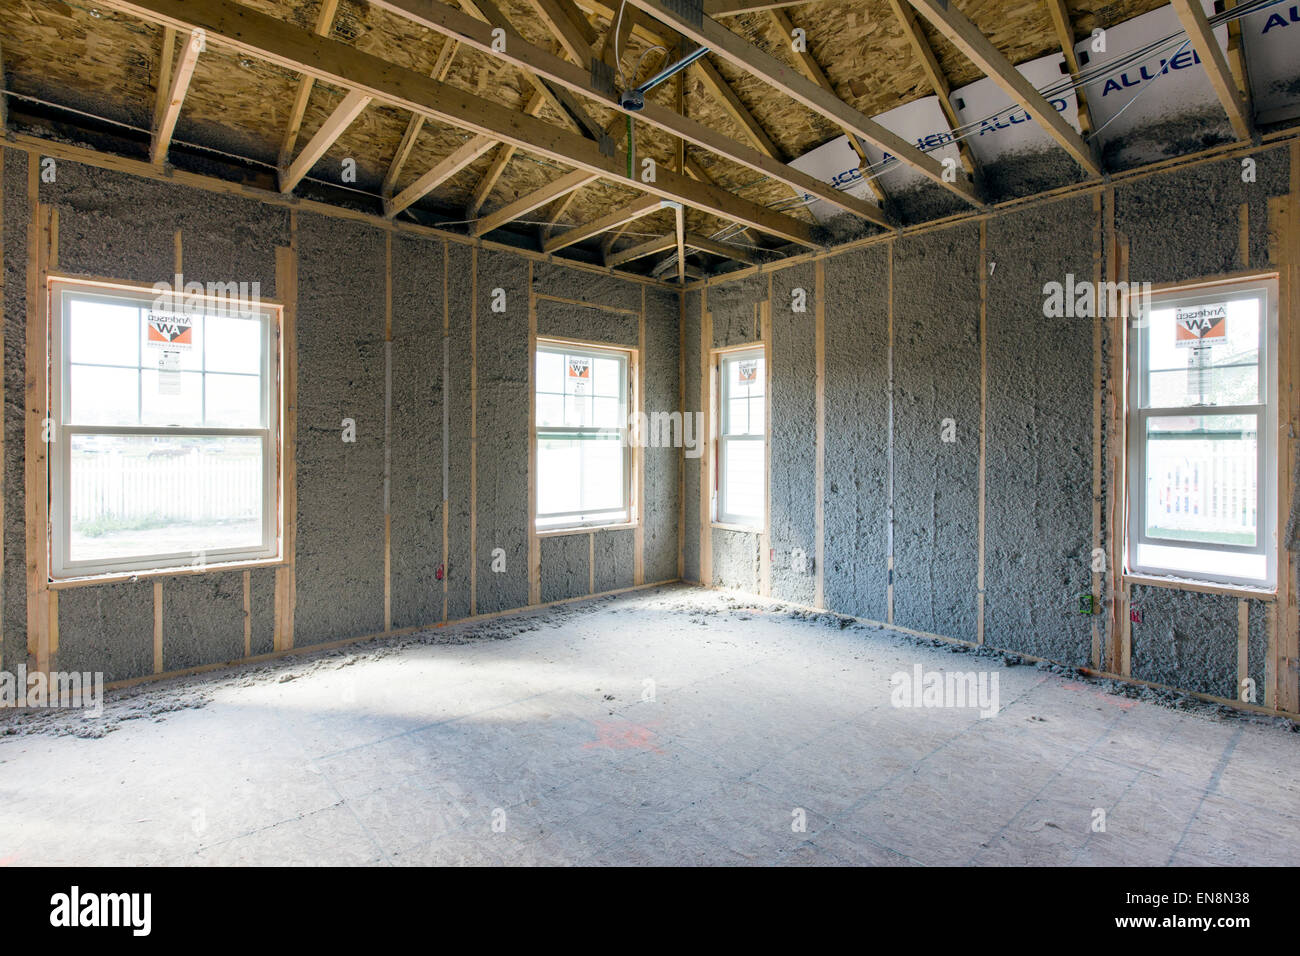 Innenrahmen Wände mit geblasen in Isolierung, Bau von Craftsman-Stil Wohnhaus in Colorado, USA Stockbild